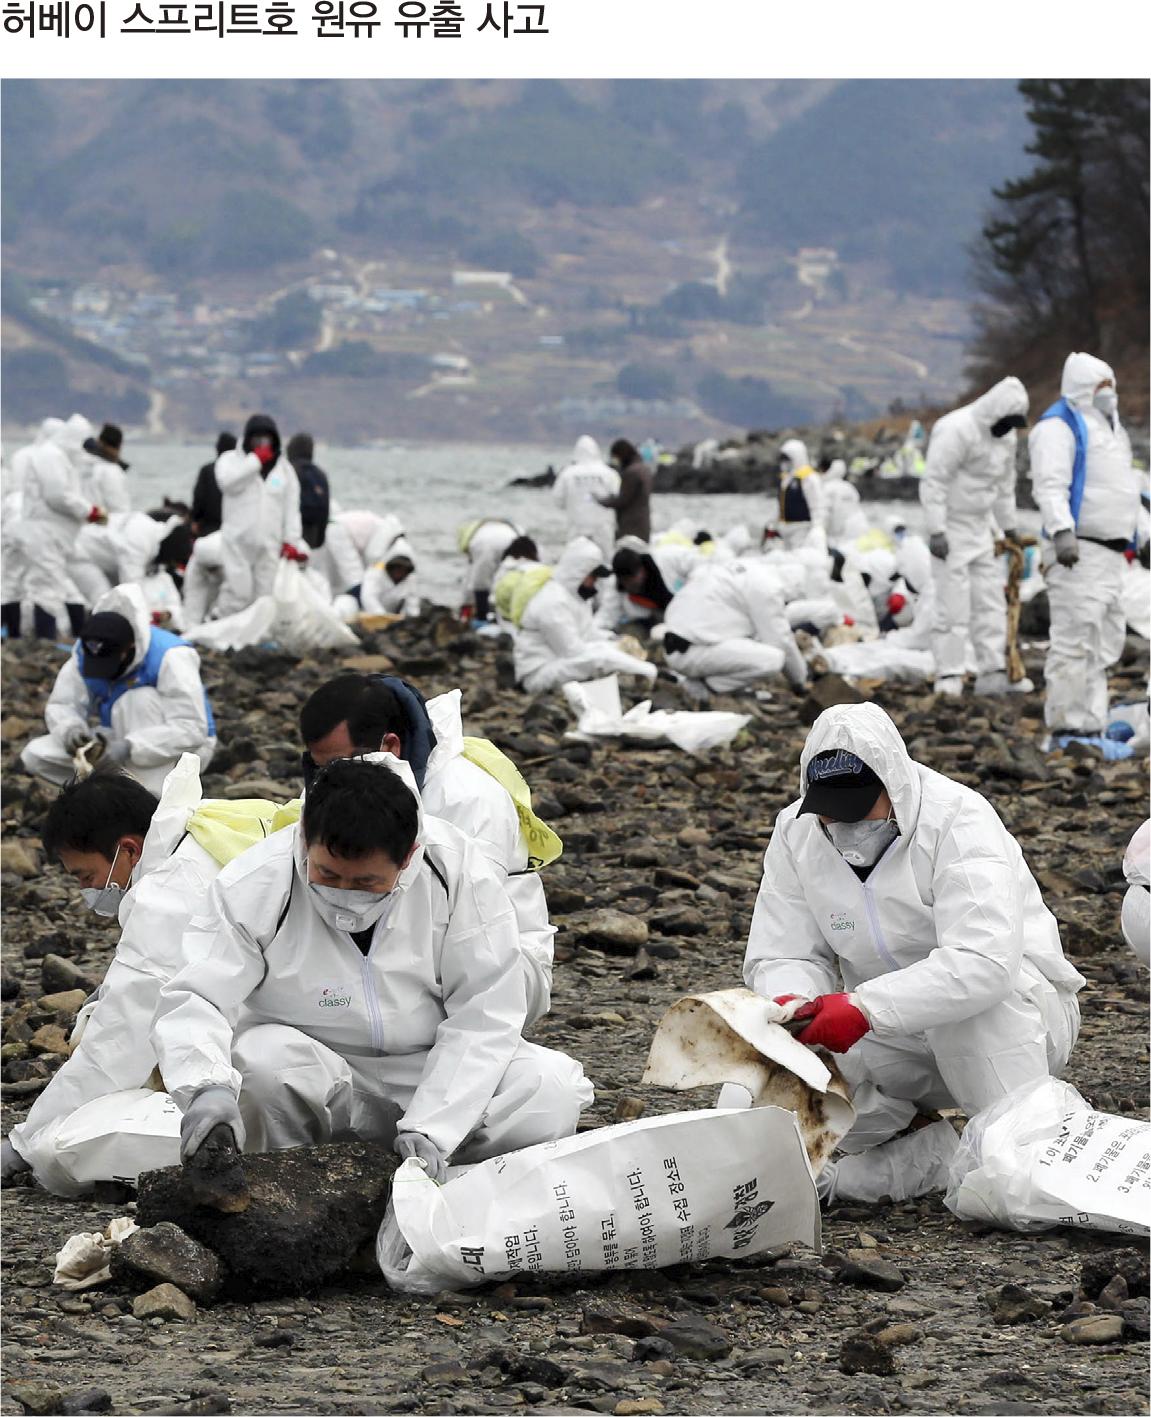 허베이 스프리트호 원유 유출 사고